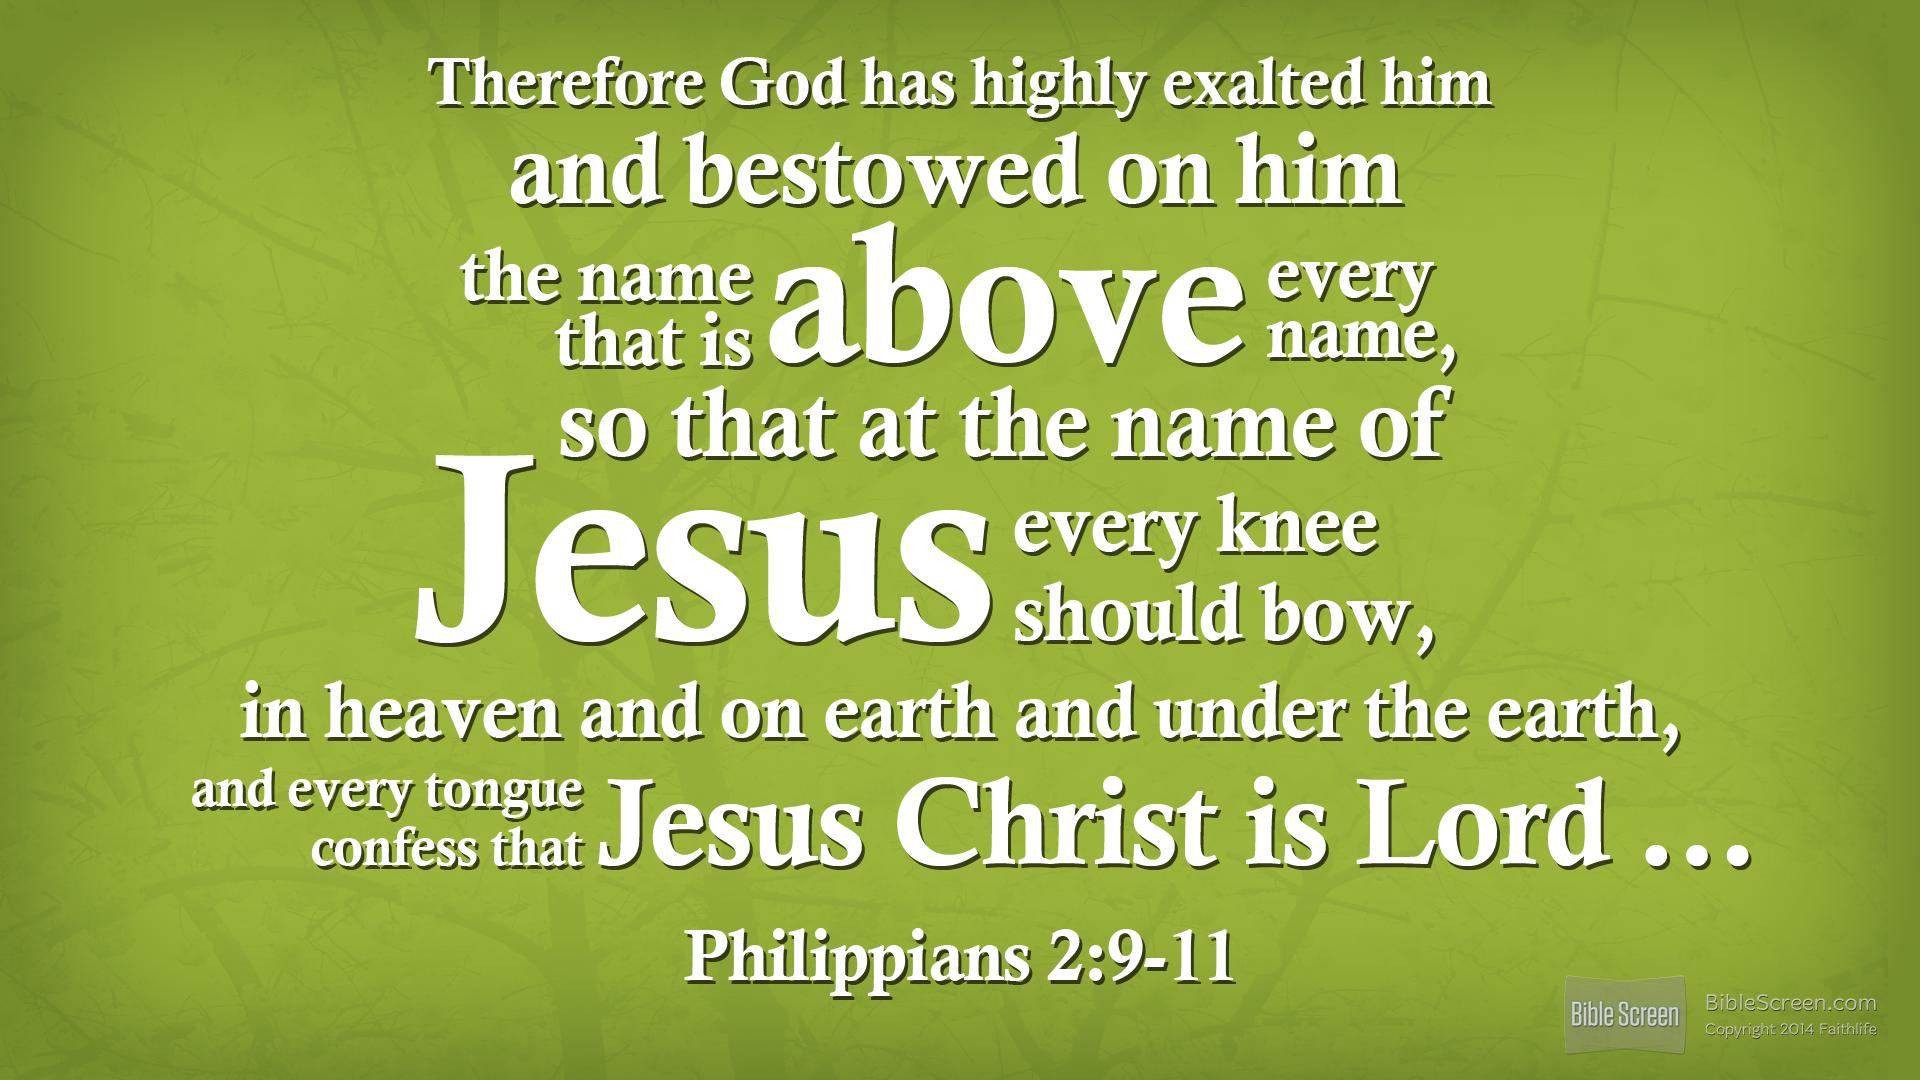 Philippians 2.9-11